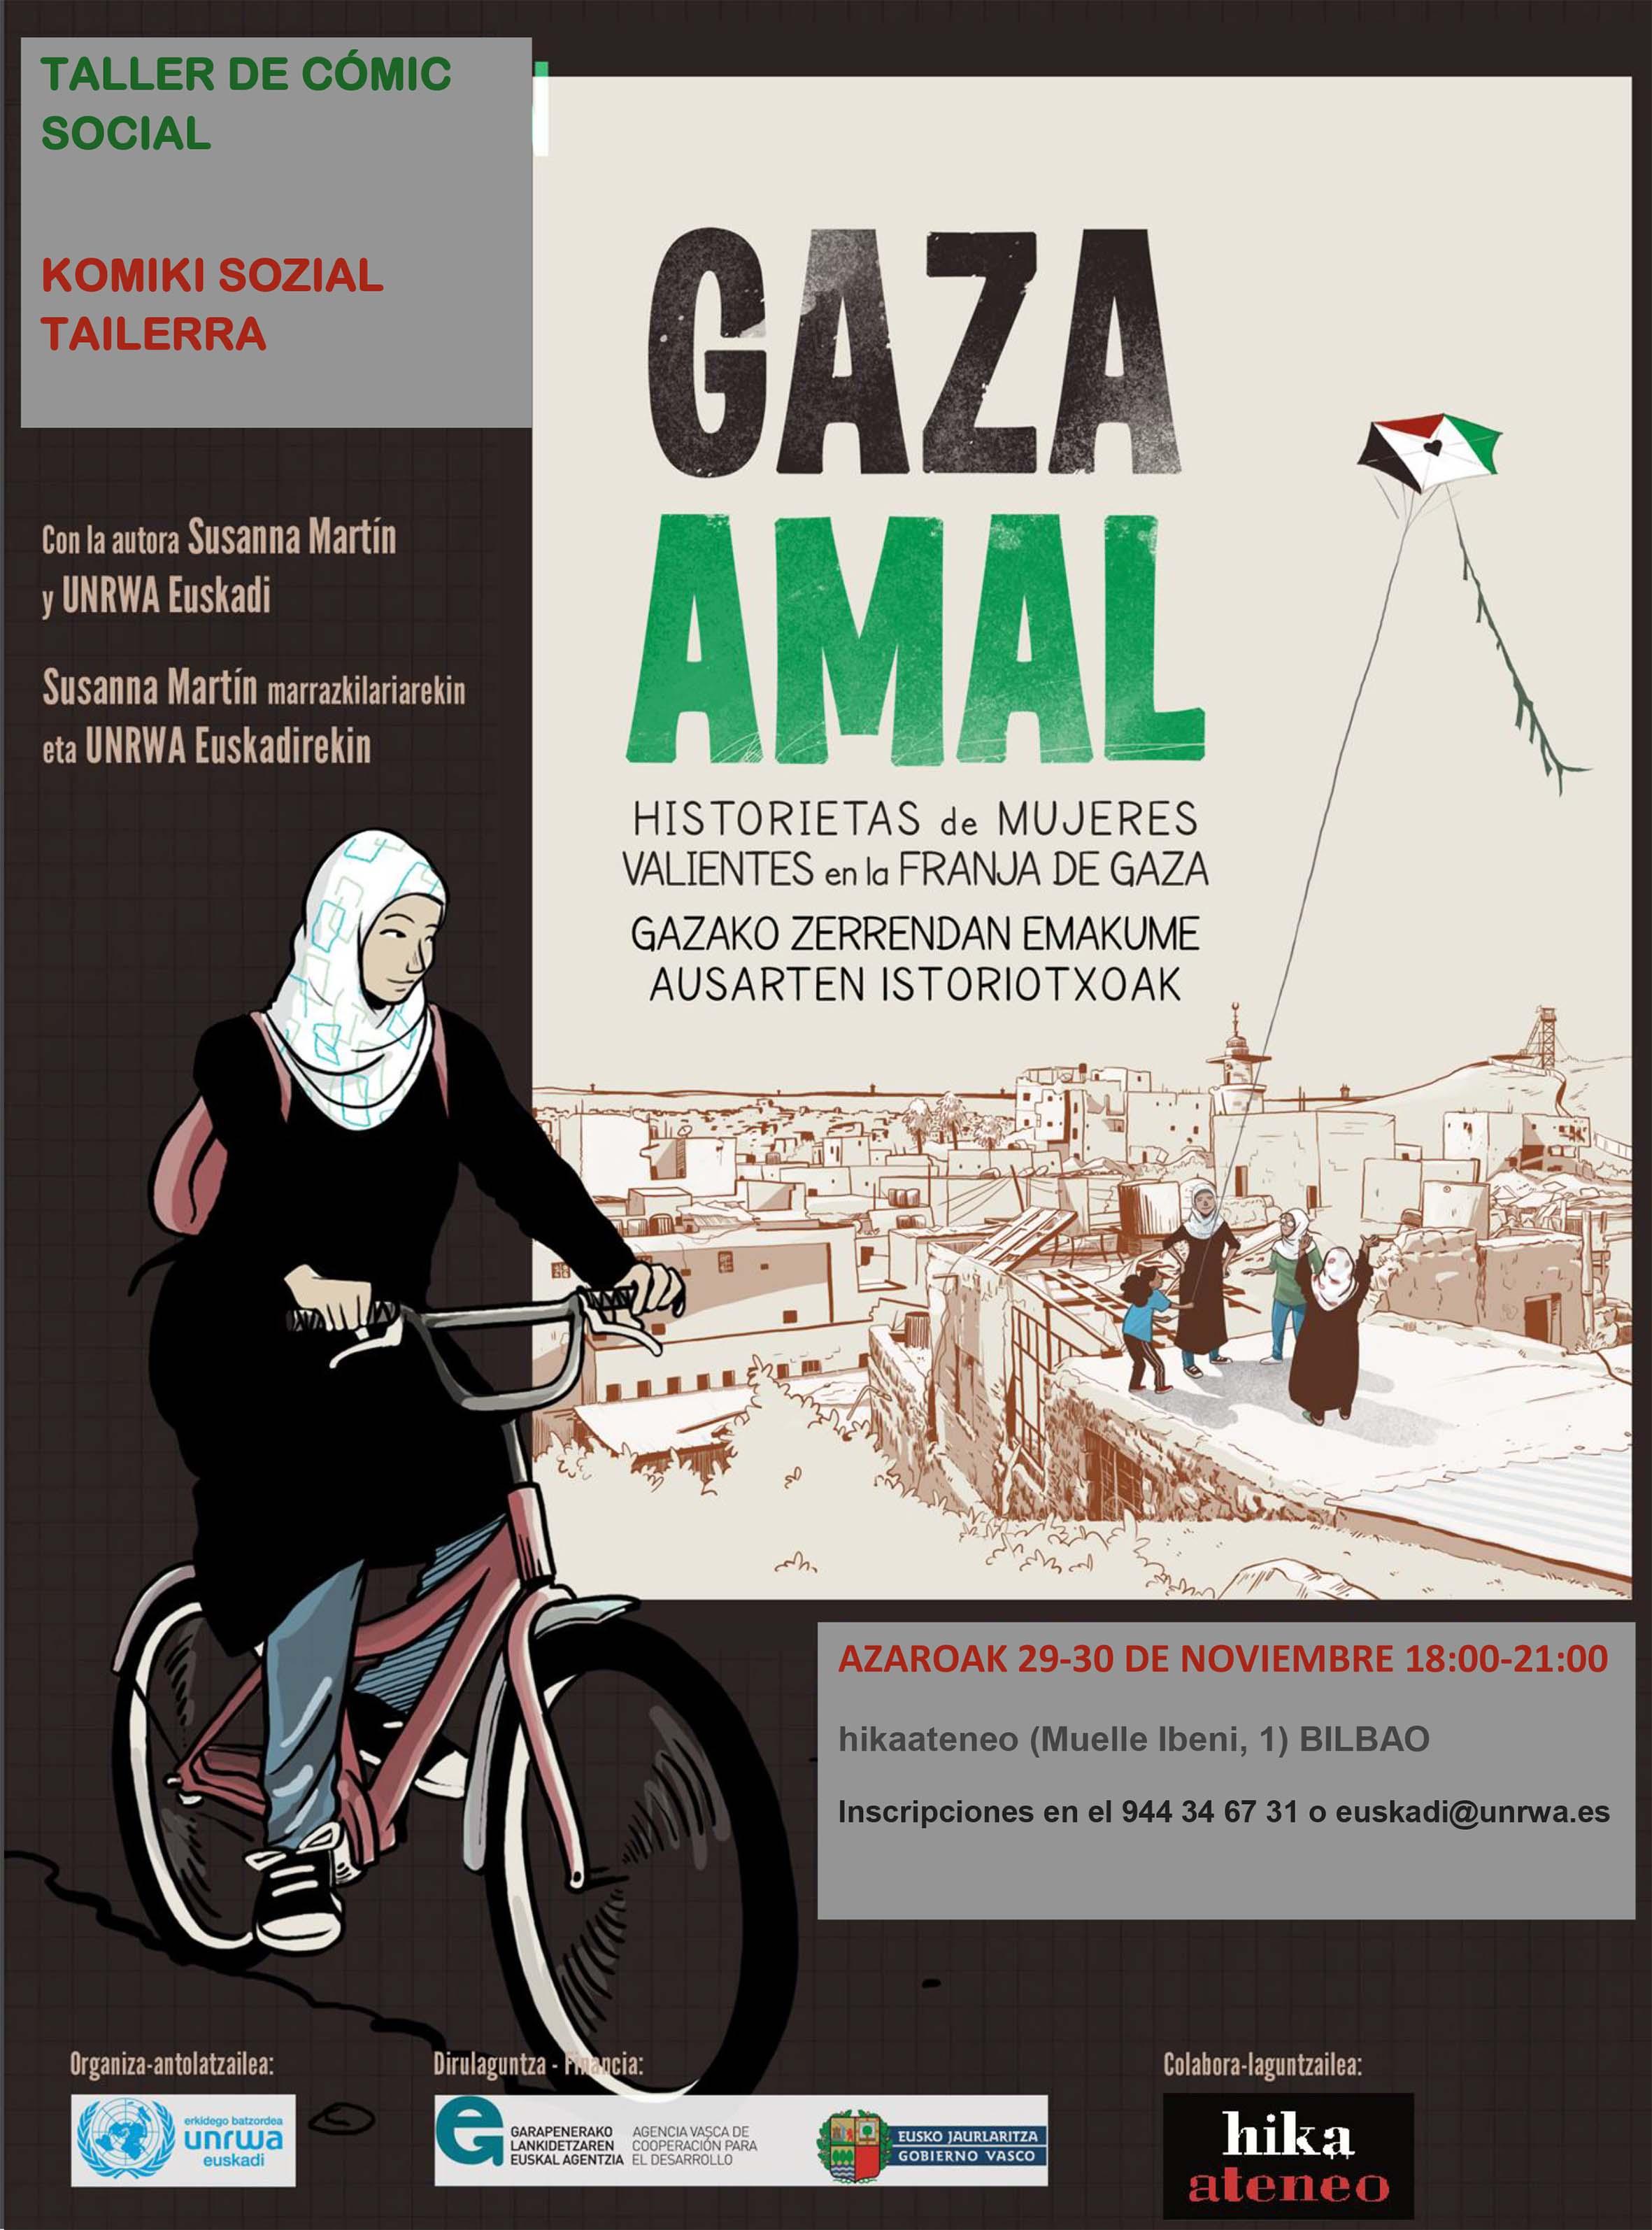 taller comic hika UNRWA Susanna